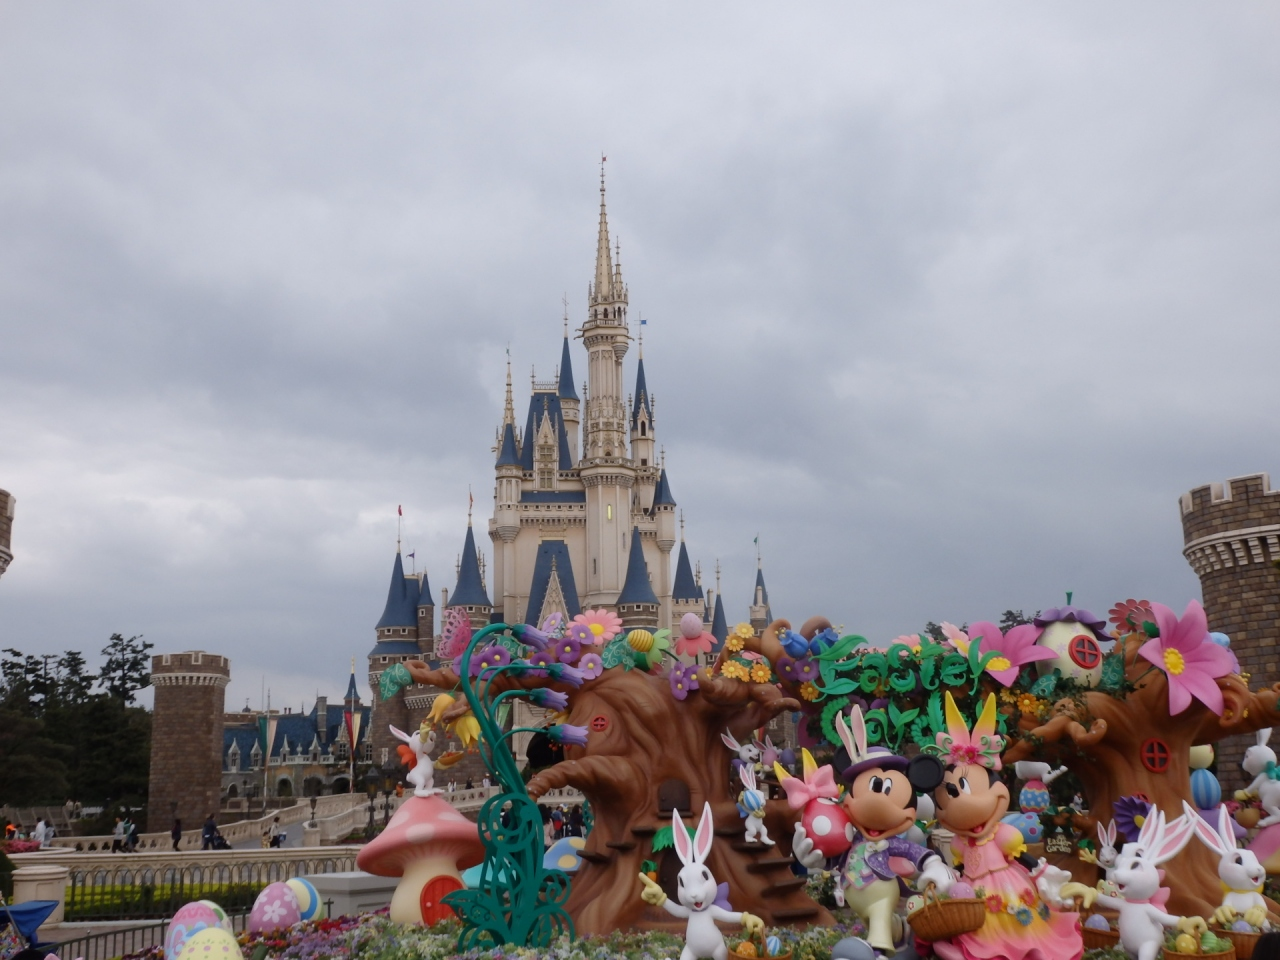 セントレア発 飛行機で行くtdr』東京ディズニーリゾート(千葉県)の旅行